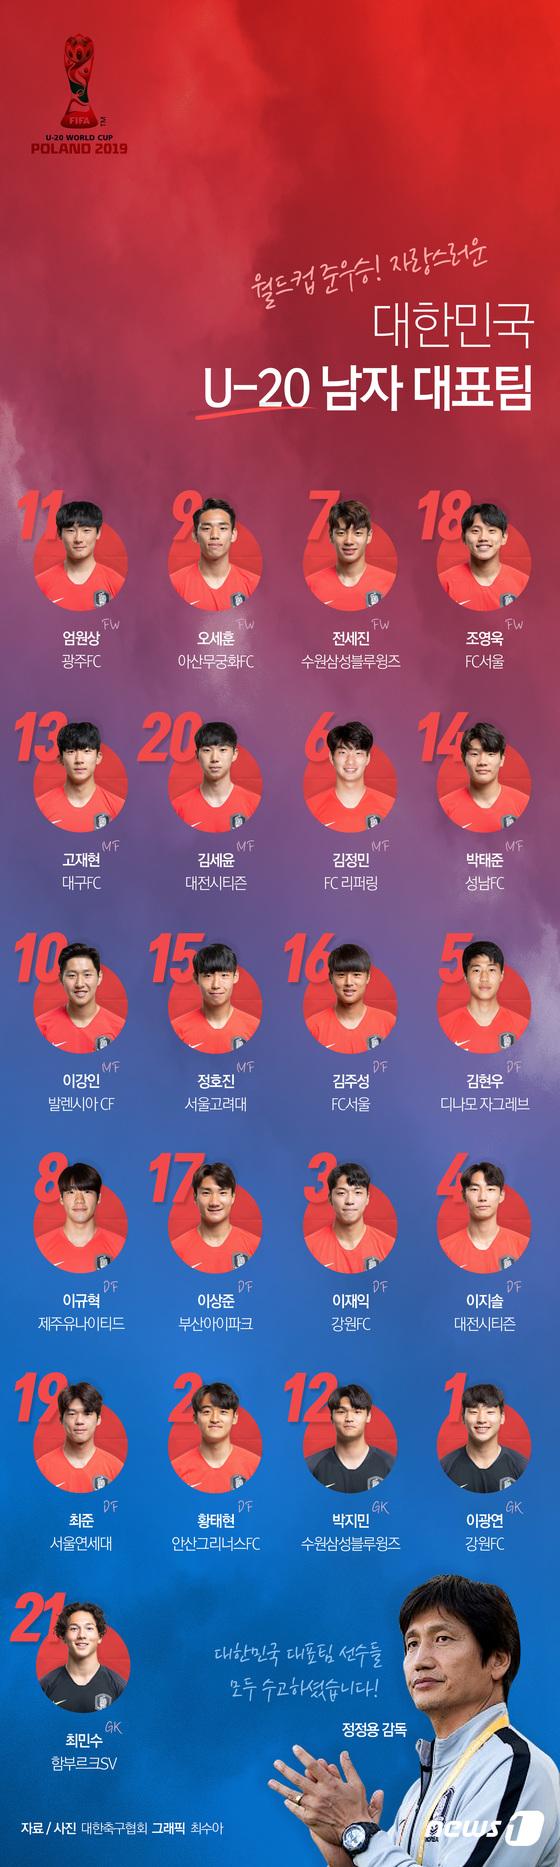 [그래픽뉴스] 사상 첫 준우승! 자랑스러운 U-20 남자 대표팀